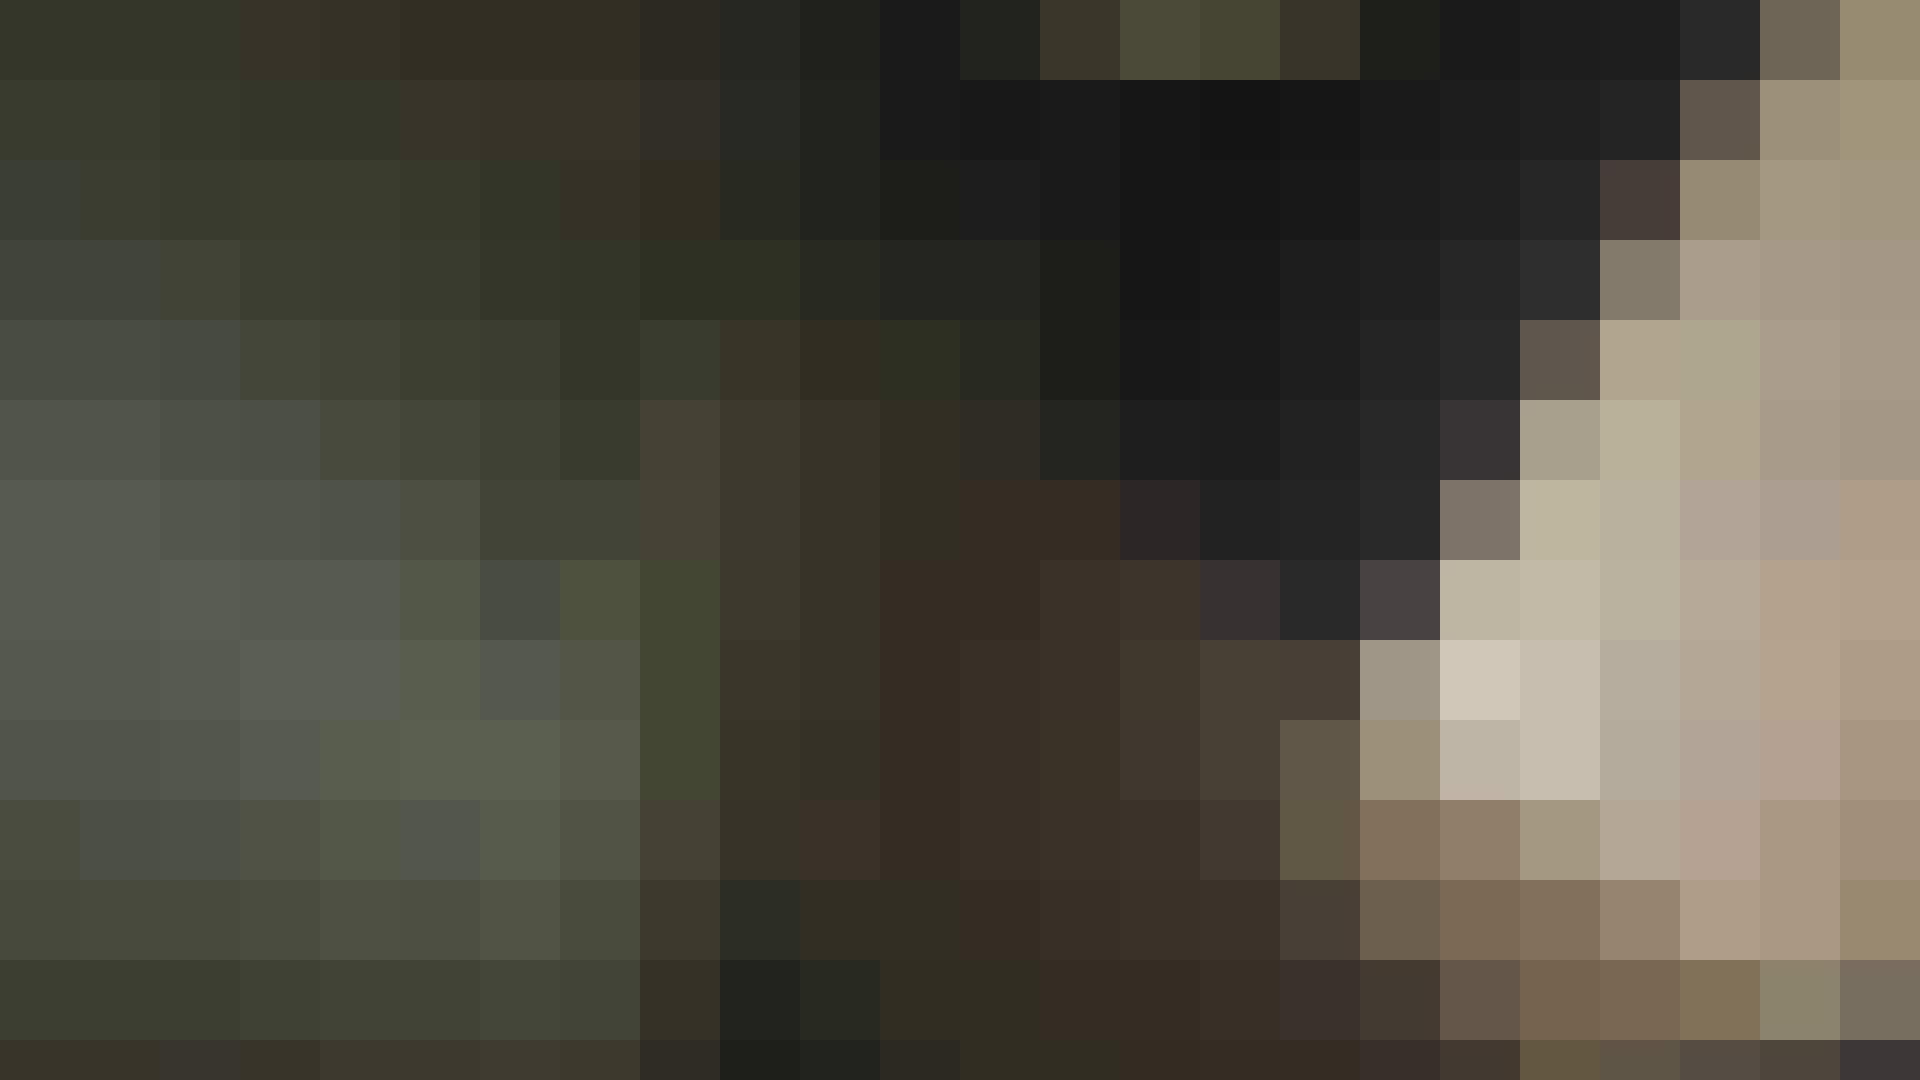 阿国ちゃんの「和式洋式七変化」No.18 iBO(フタコブ) エッチなお姉さん 性交動画流出 98画像 16